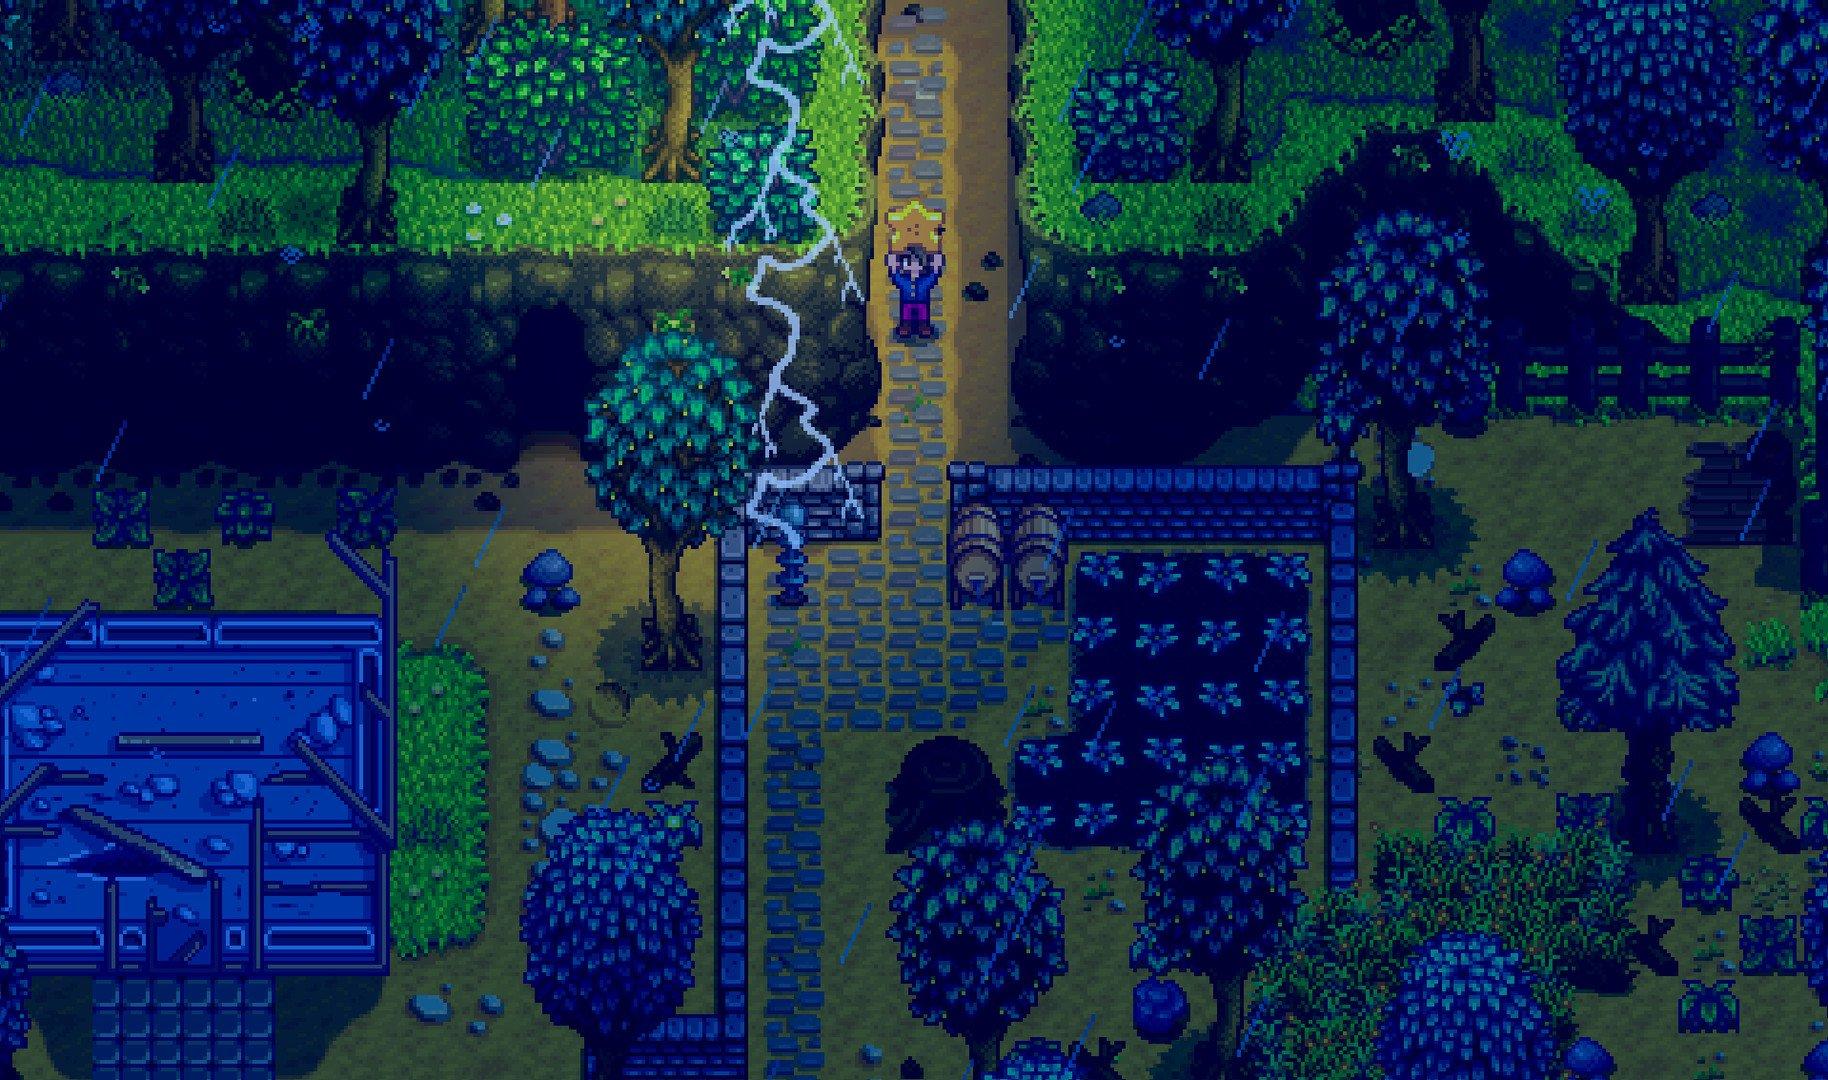 Screenshot for the game Stardew Valley v.1.5.4 [GOG] (2016) скачать торрент Лицензия